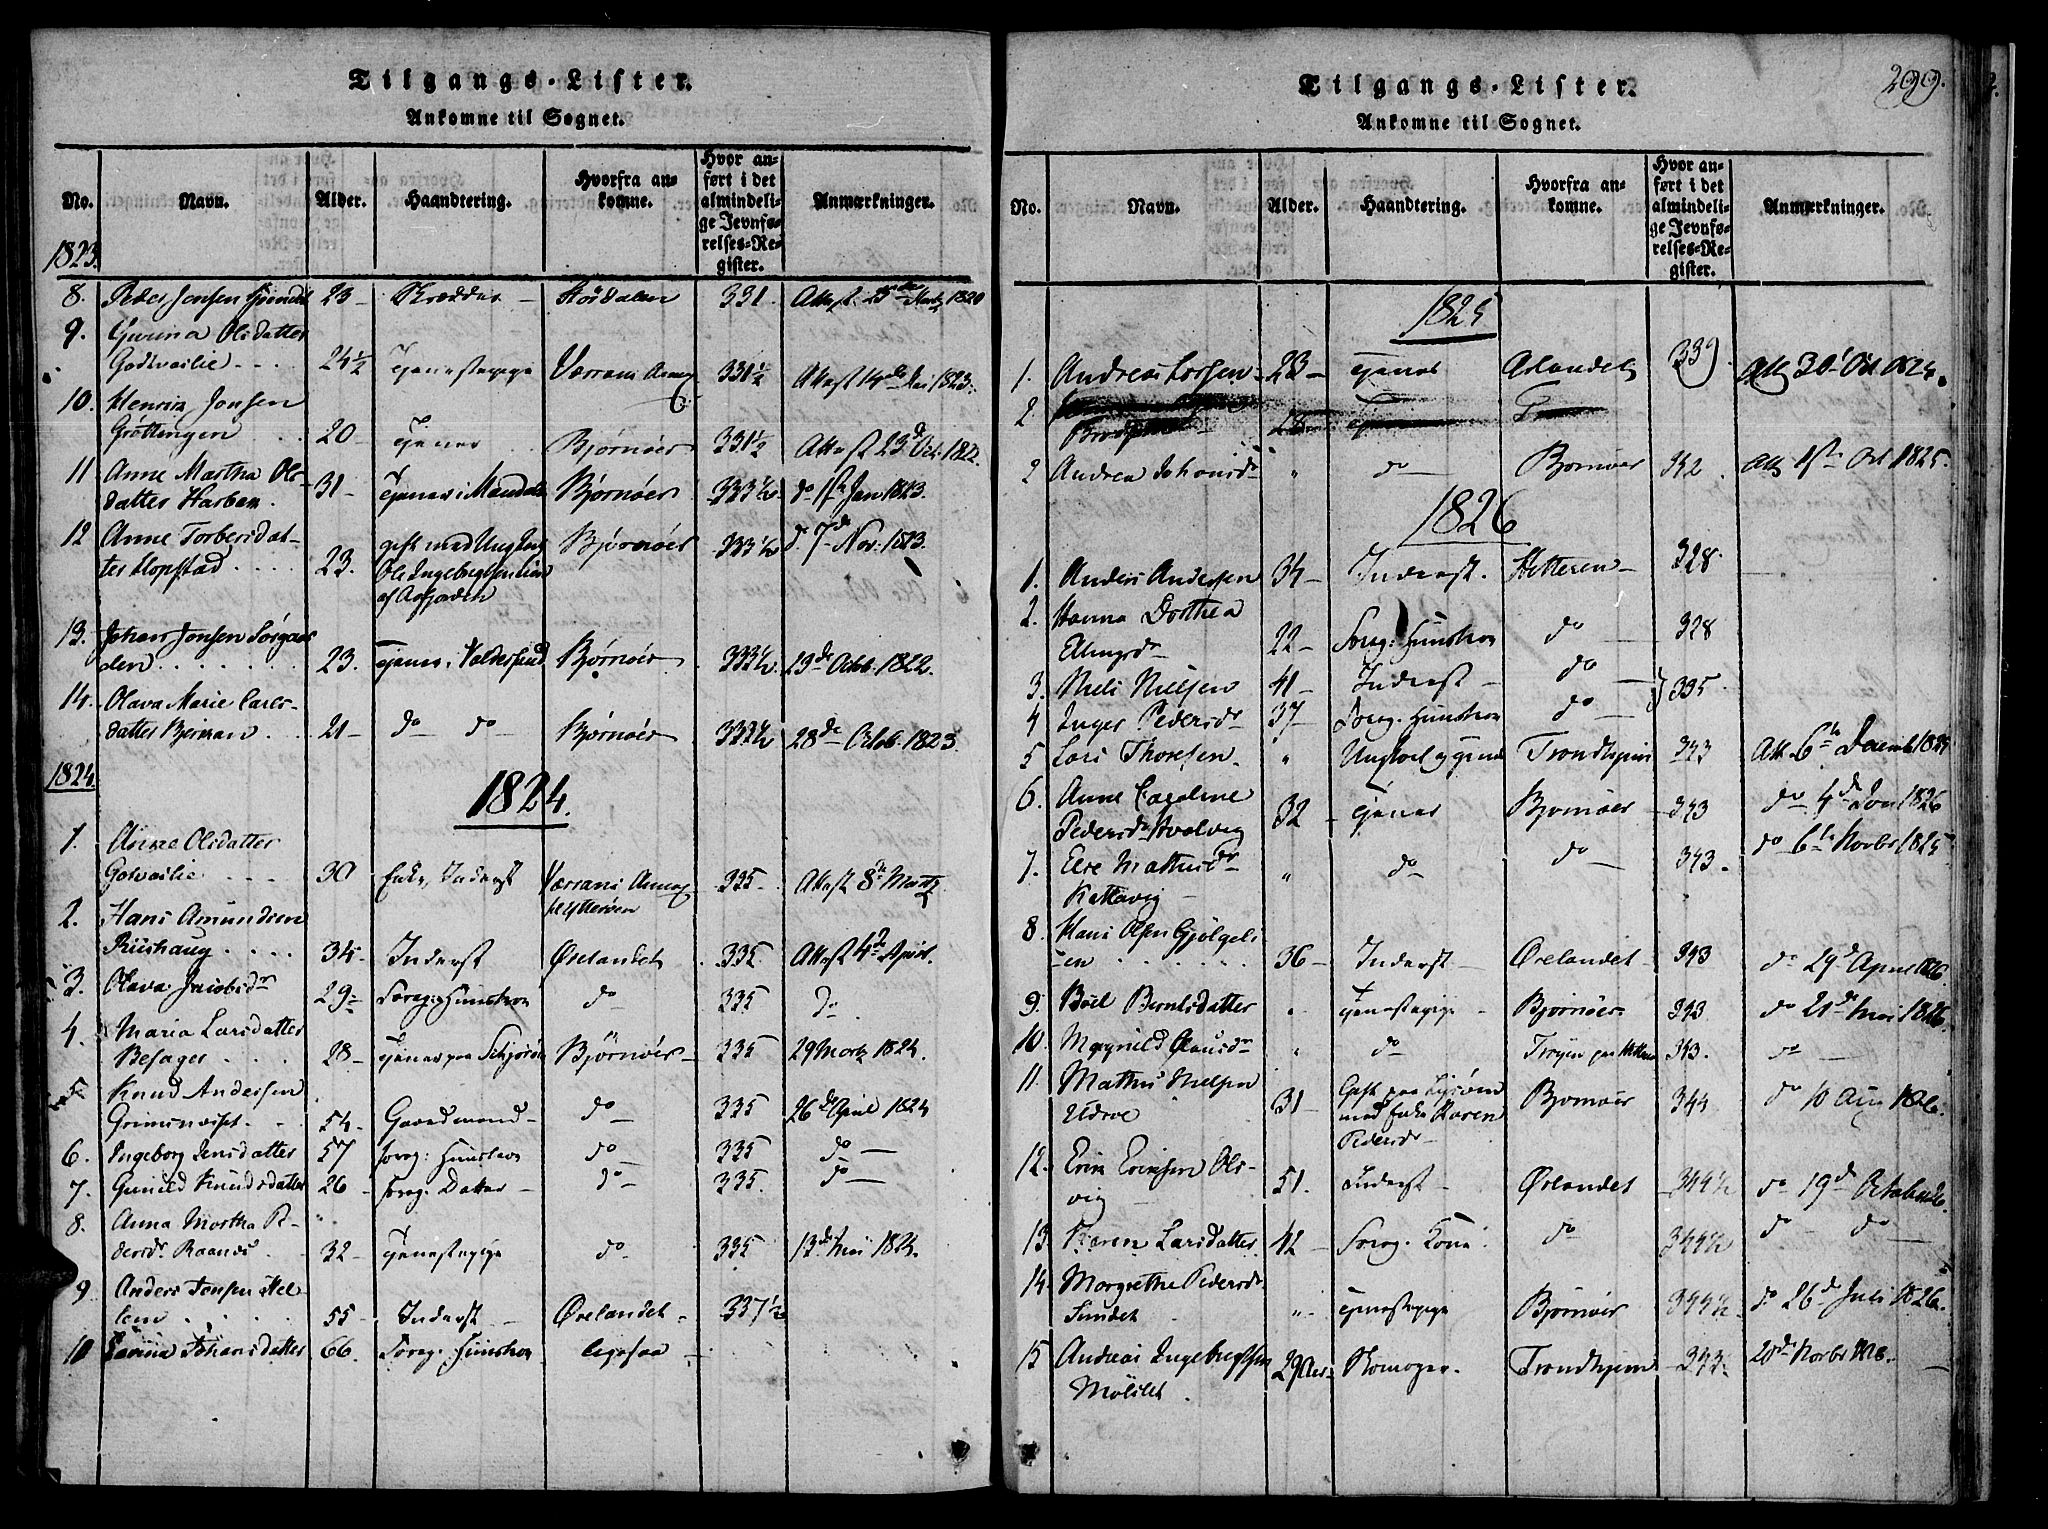 SAT, Ministerialprotokoller, klokkerbøker og fødselsregistre - Sør-Trøndelag, 655/L0675: Ministerialbok nr. 655A04, 1818-1830, s. 299